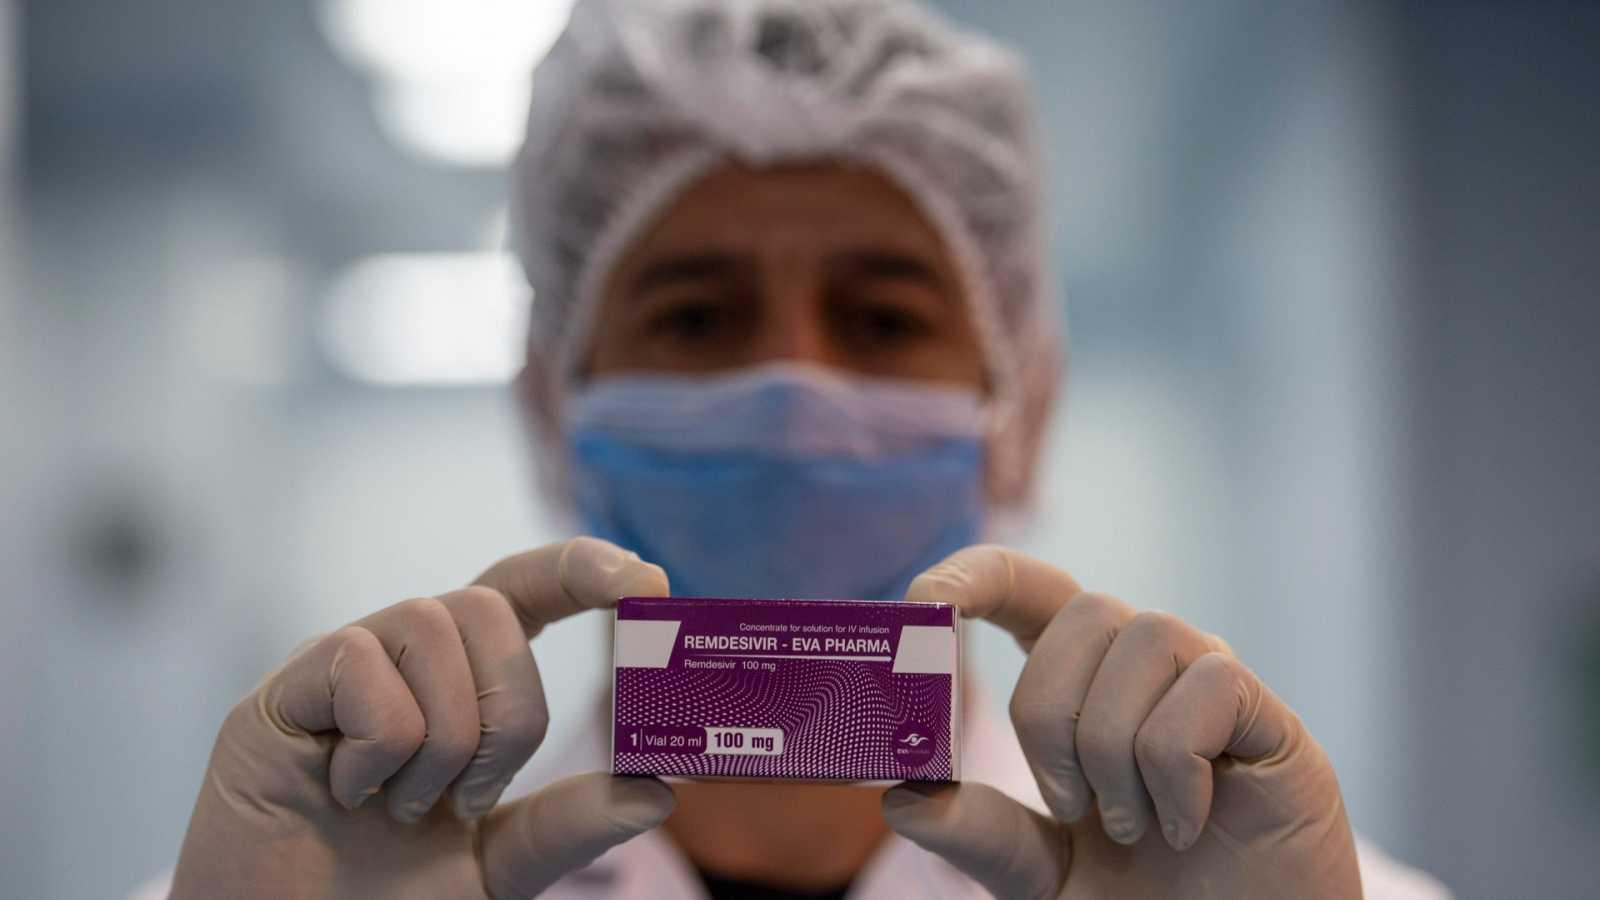 El tratamiento de Remdesivir para combatir el coronavirus costará ...